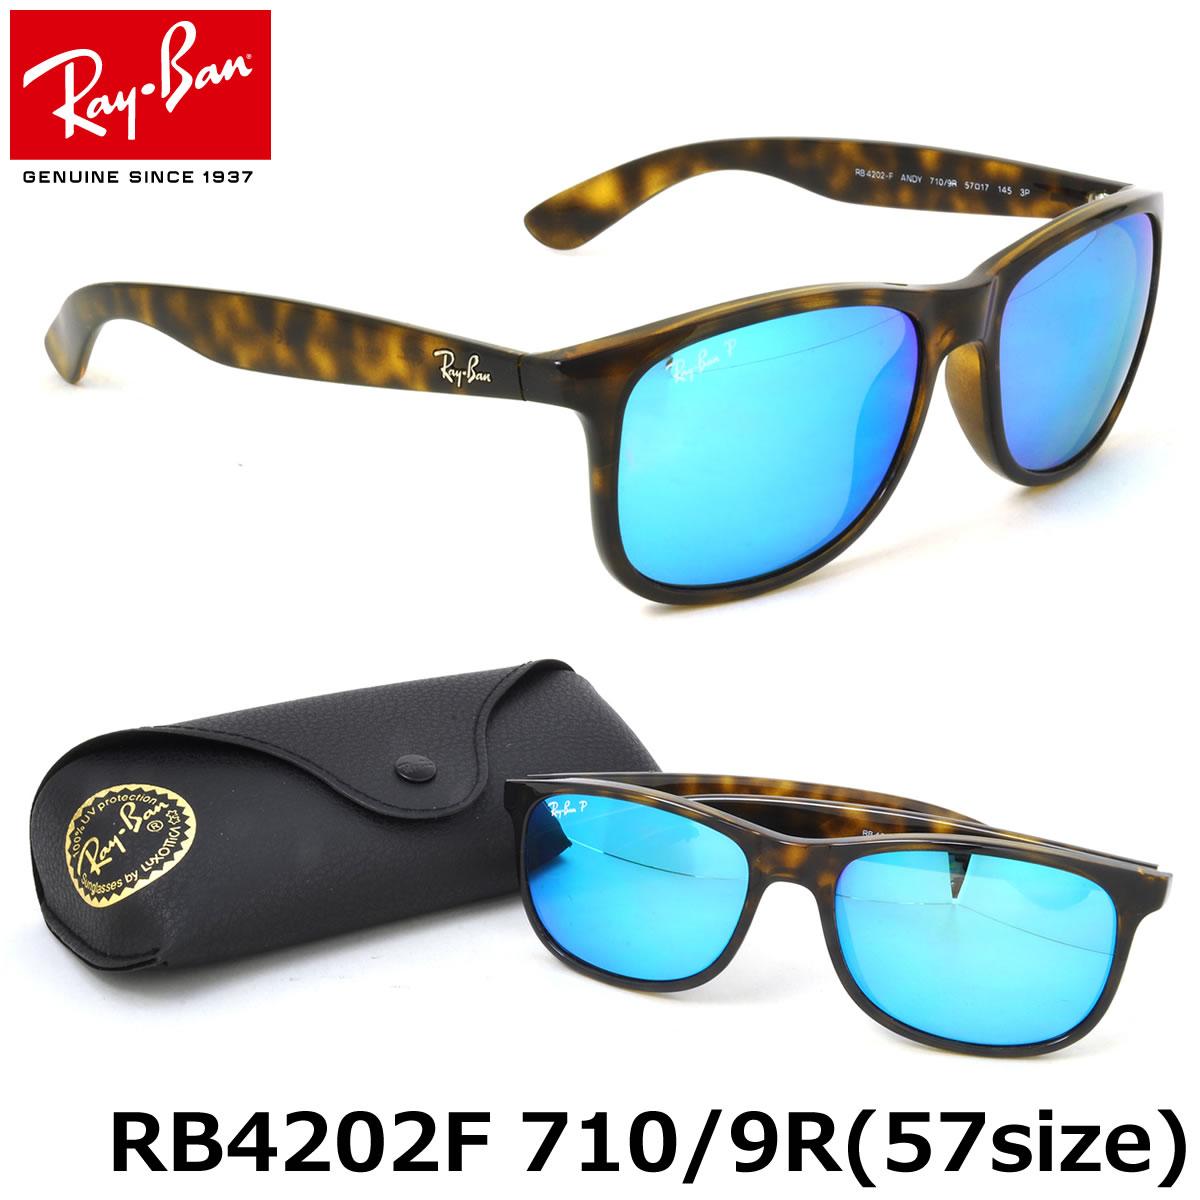 レイバン サングラス ミラー 偏光 アンディー Ray-Ban RB4202F 710/9R 57サイズレイバン RAYBAN ANDY FLASH LENSES 7109R WAYFARER ウェイファーラー べっ甲 べっこう 偏光レンズ 偏光サングラス ブルーレンズ フルフィット メンズ レディース